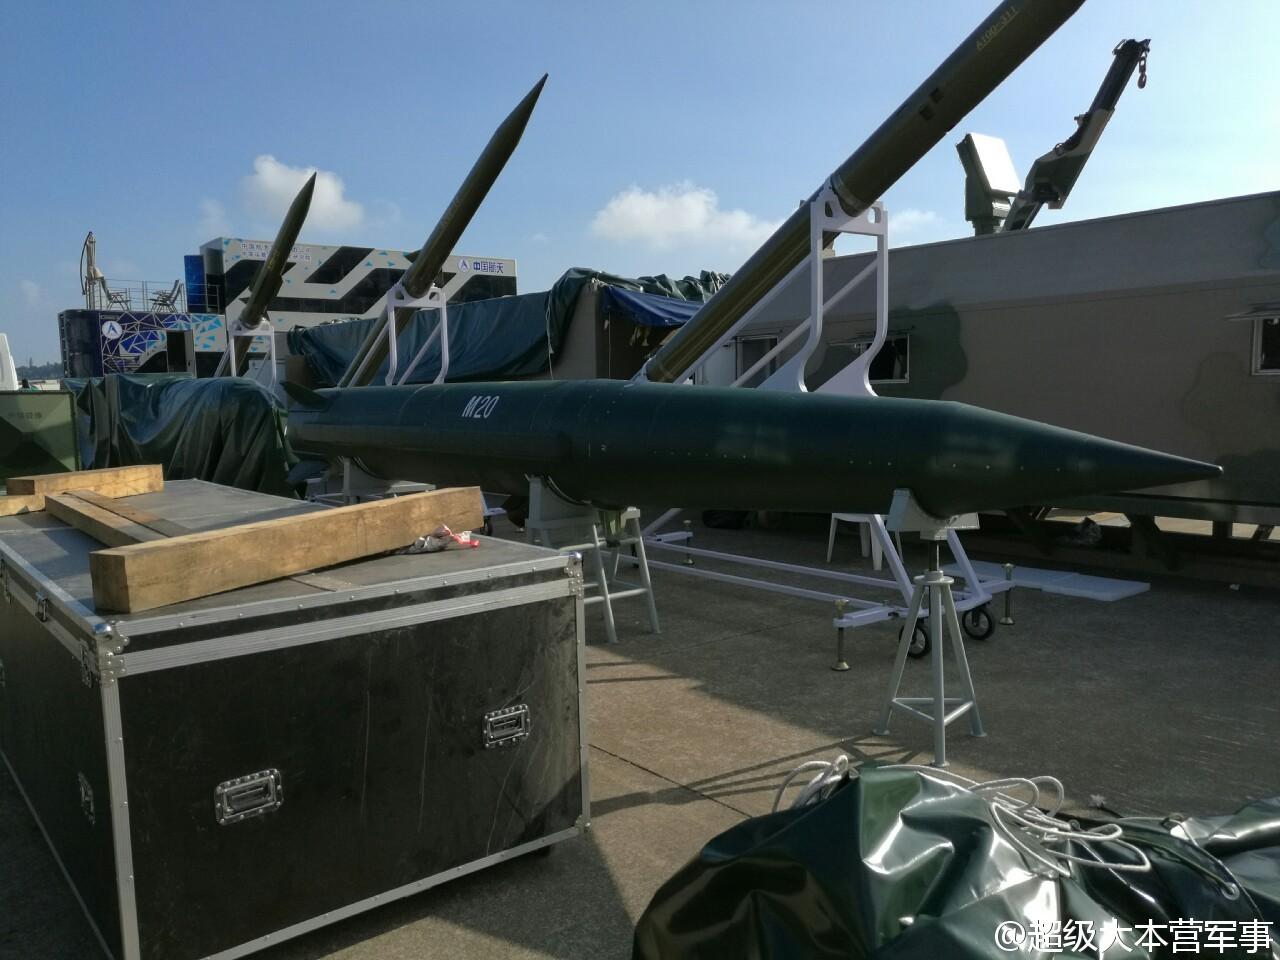 Le M20 et les autres roquettes guidées 300mm / 370mm de GATSS.